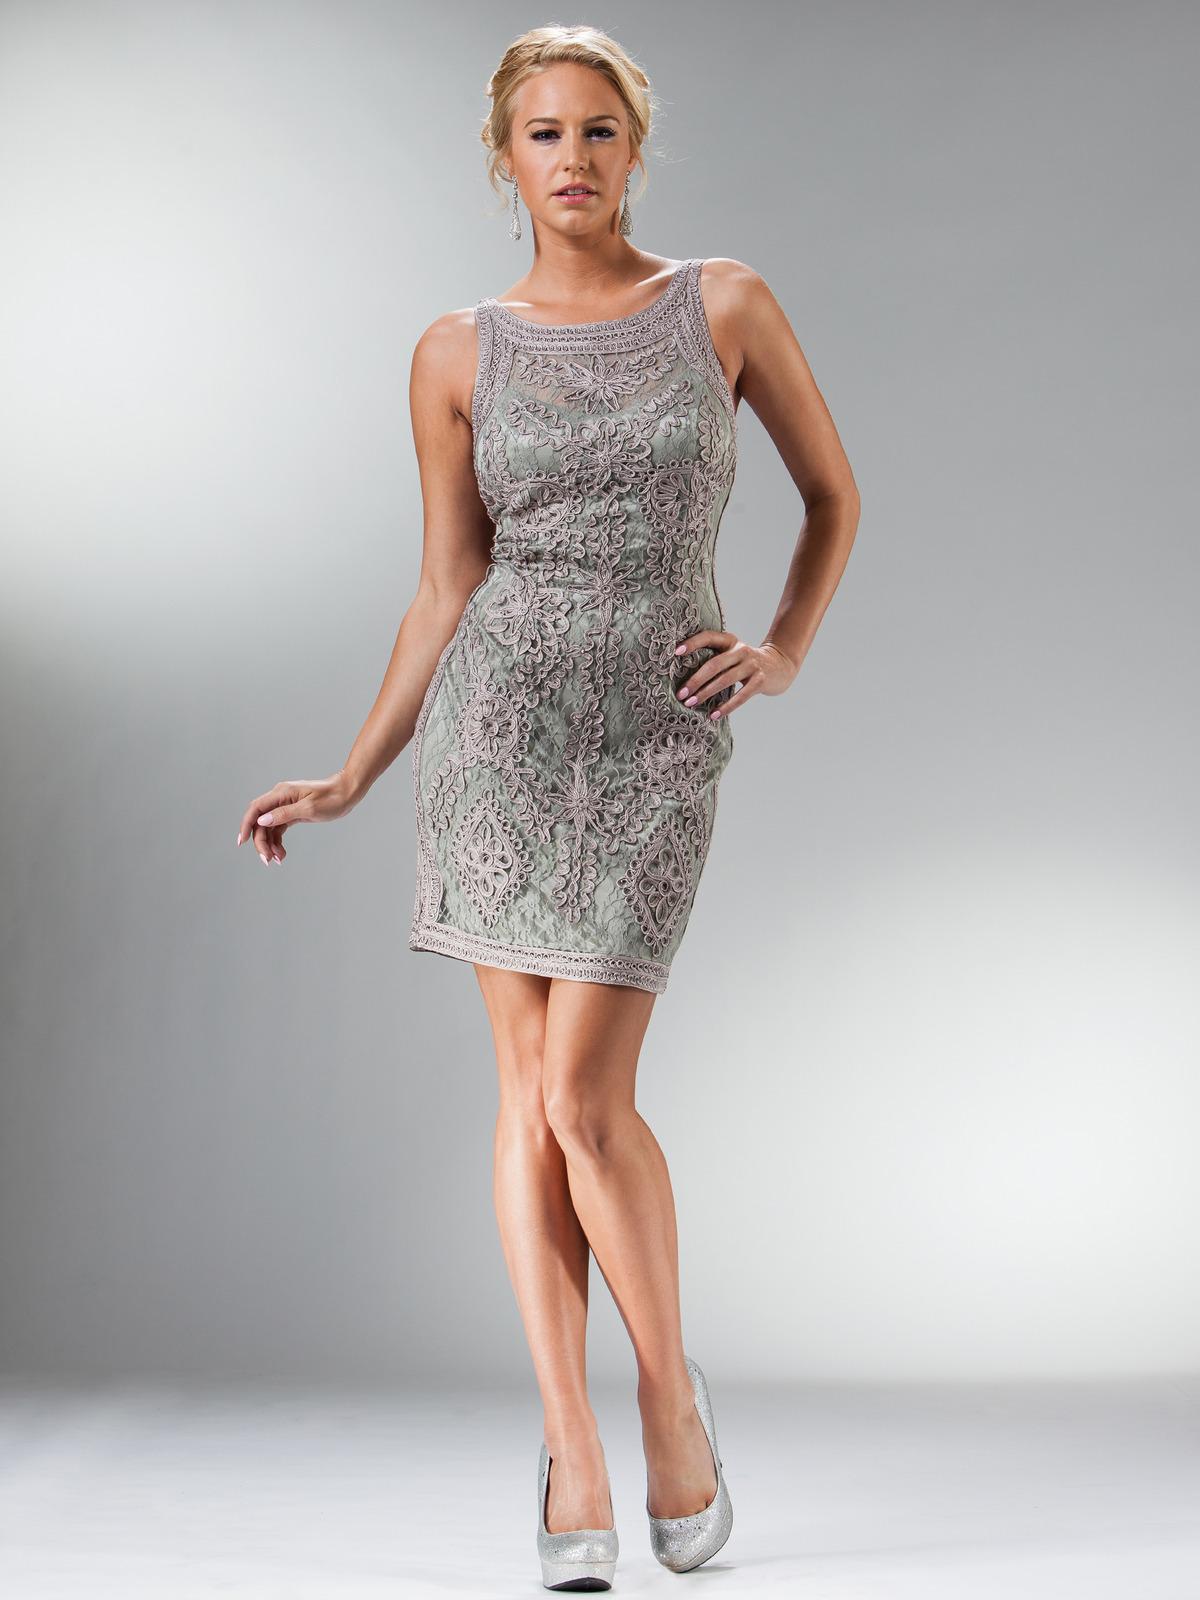 Lace Cocktail Dresses   Sung Boutique L.A.